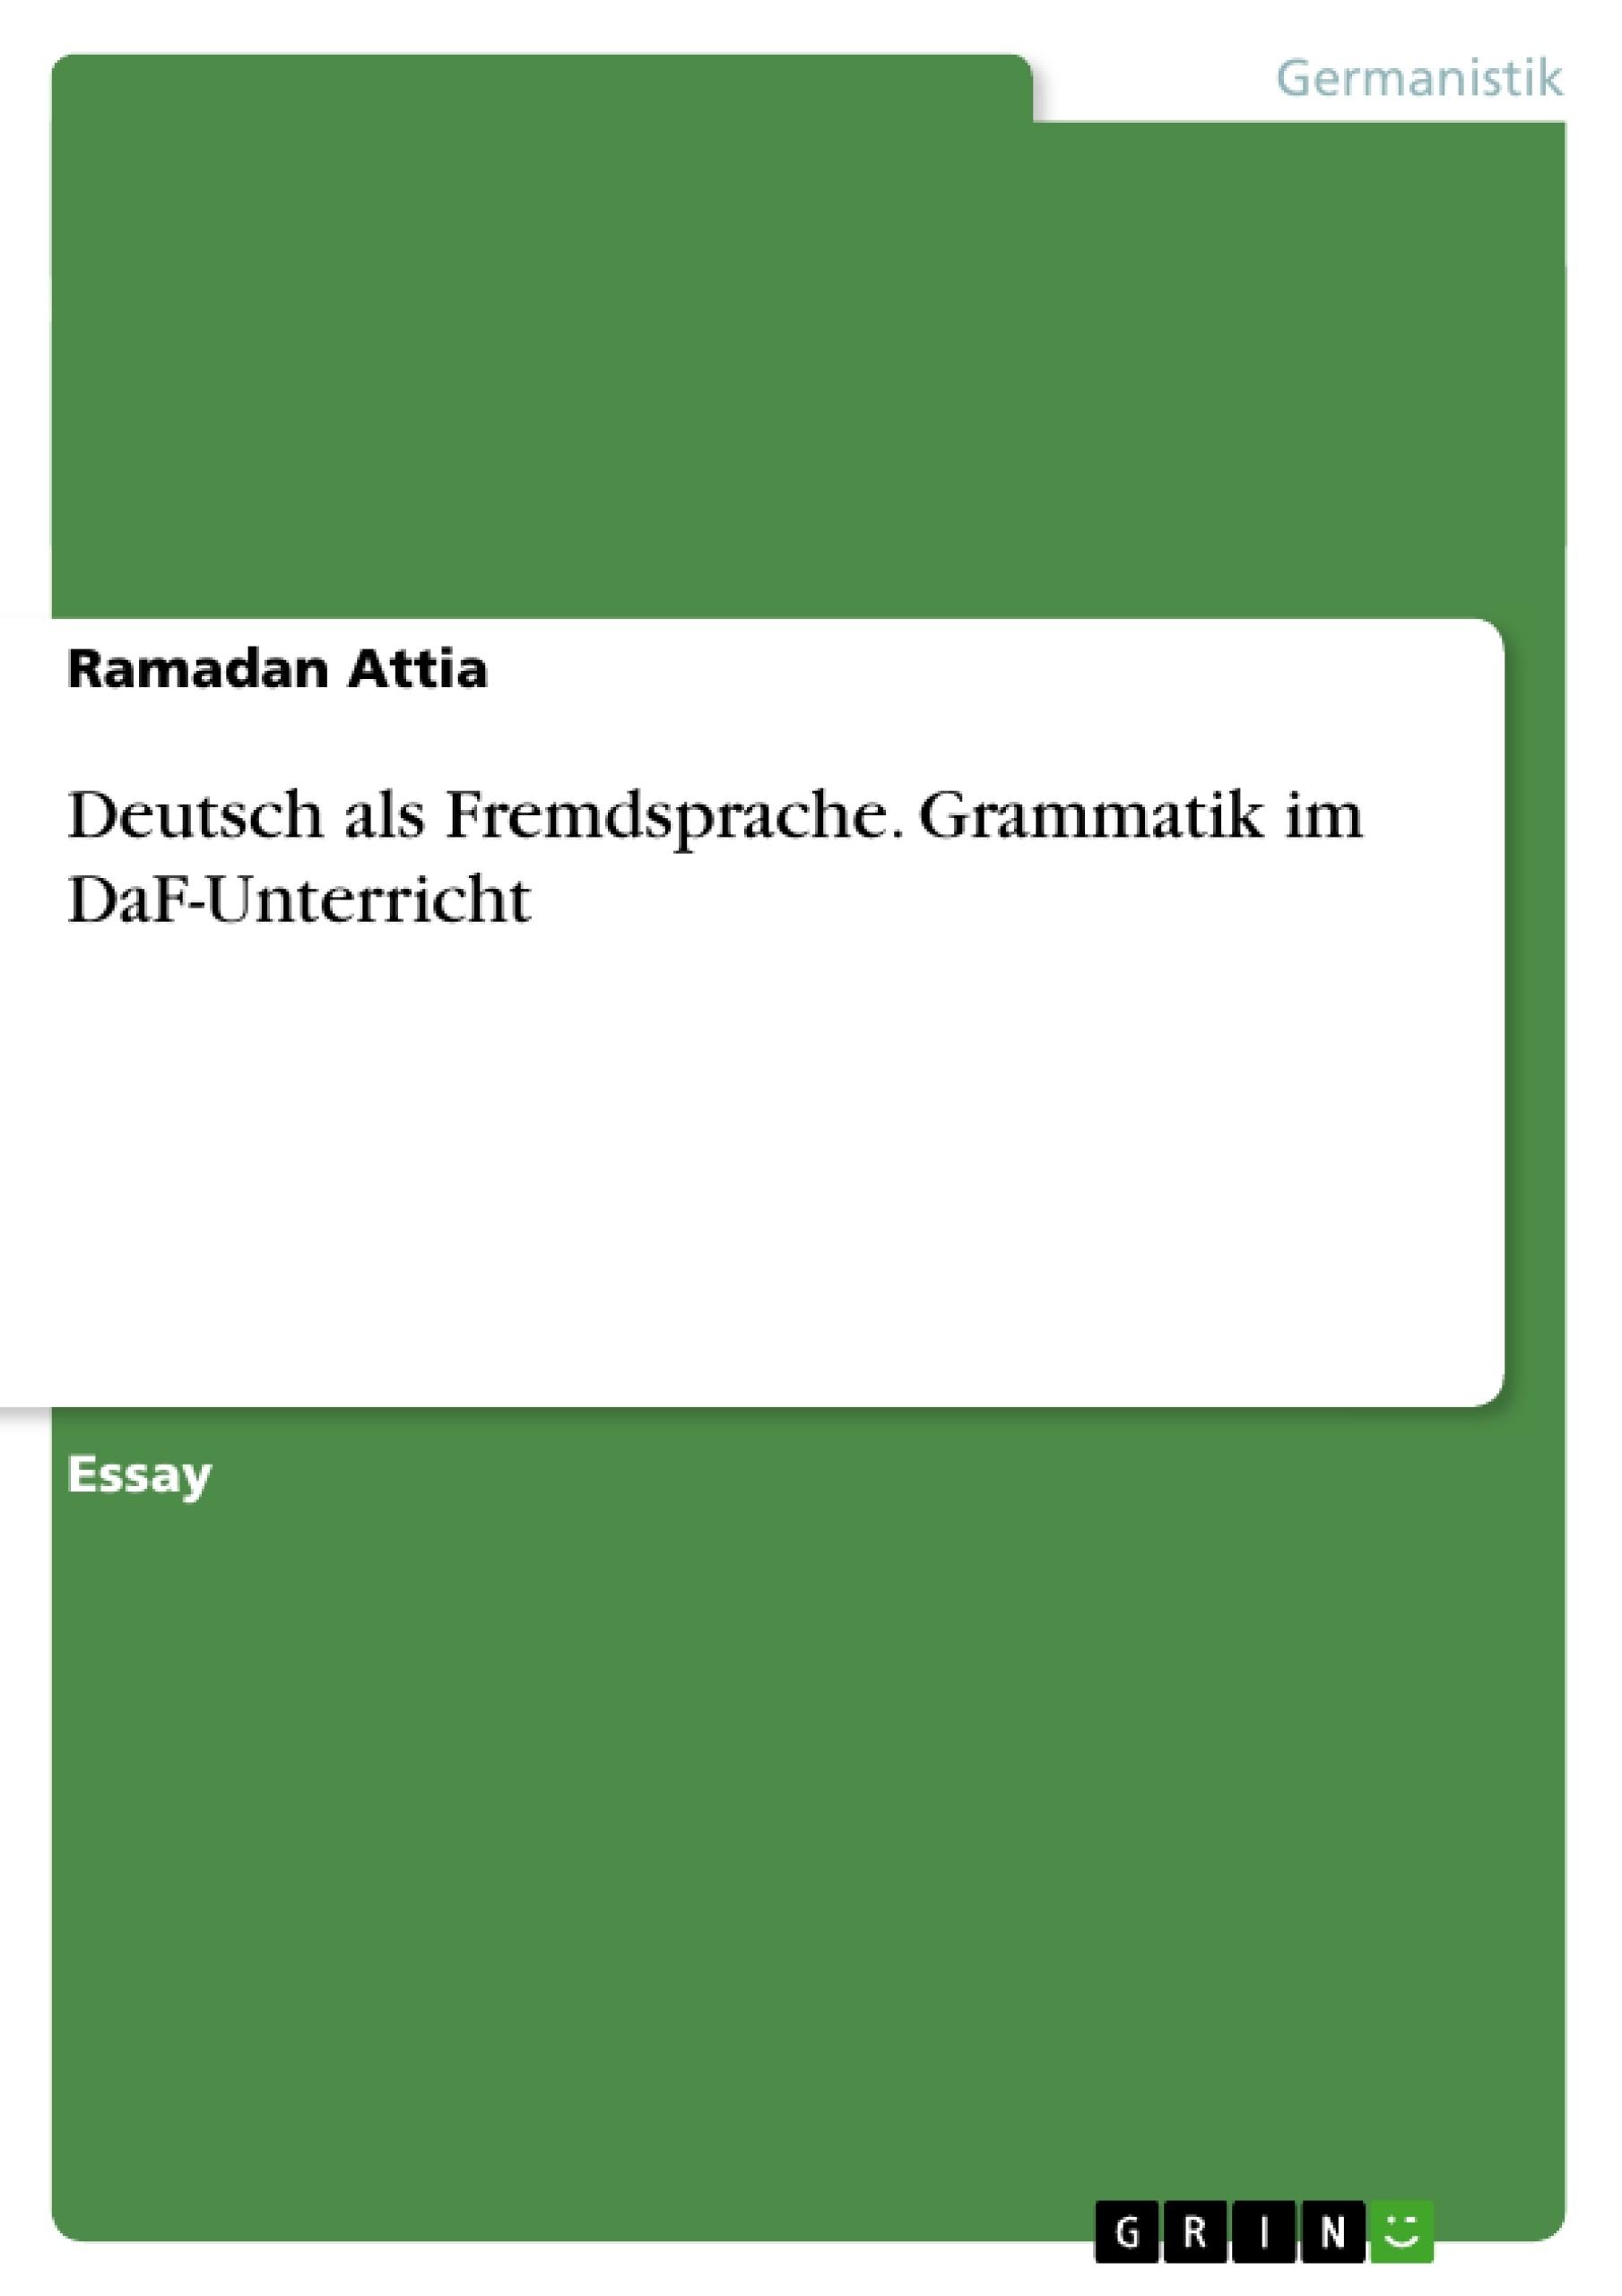 Titel: Deutsch als Fremdsprache. Grammatik im DaF-Unterricht